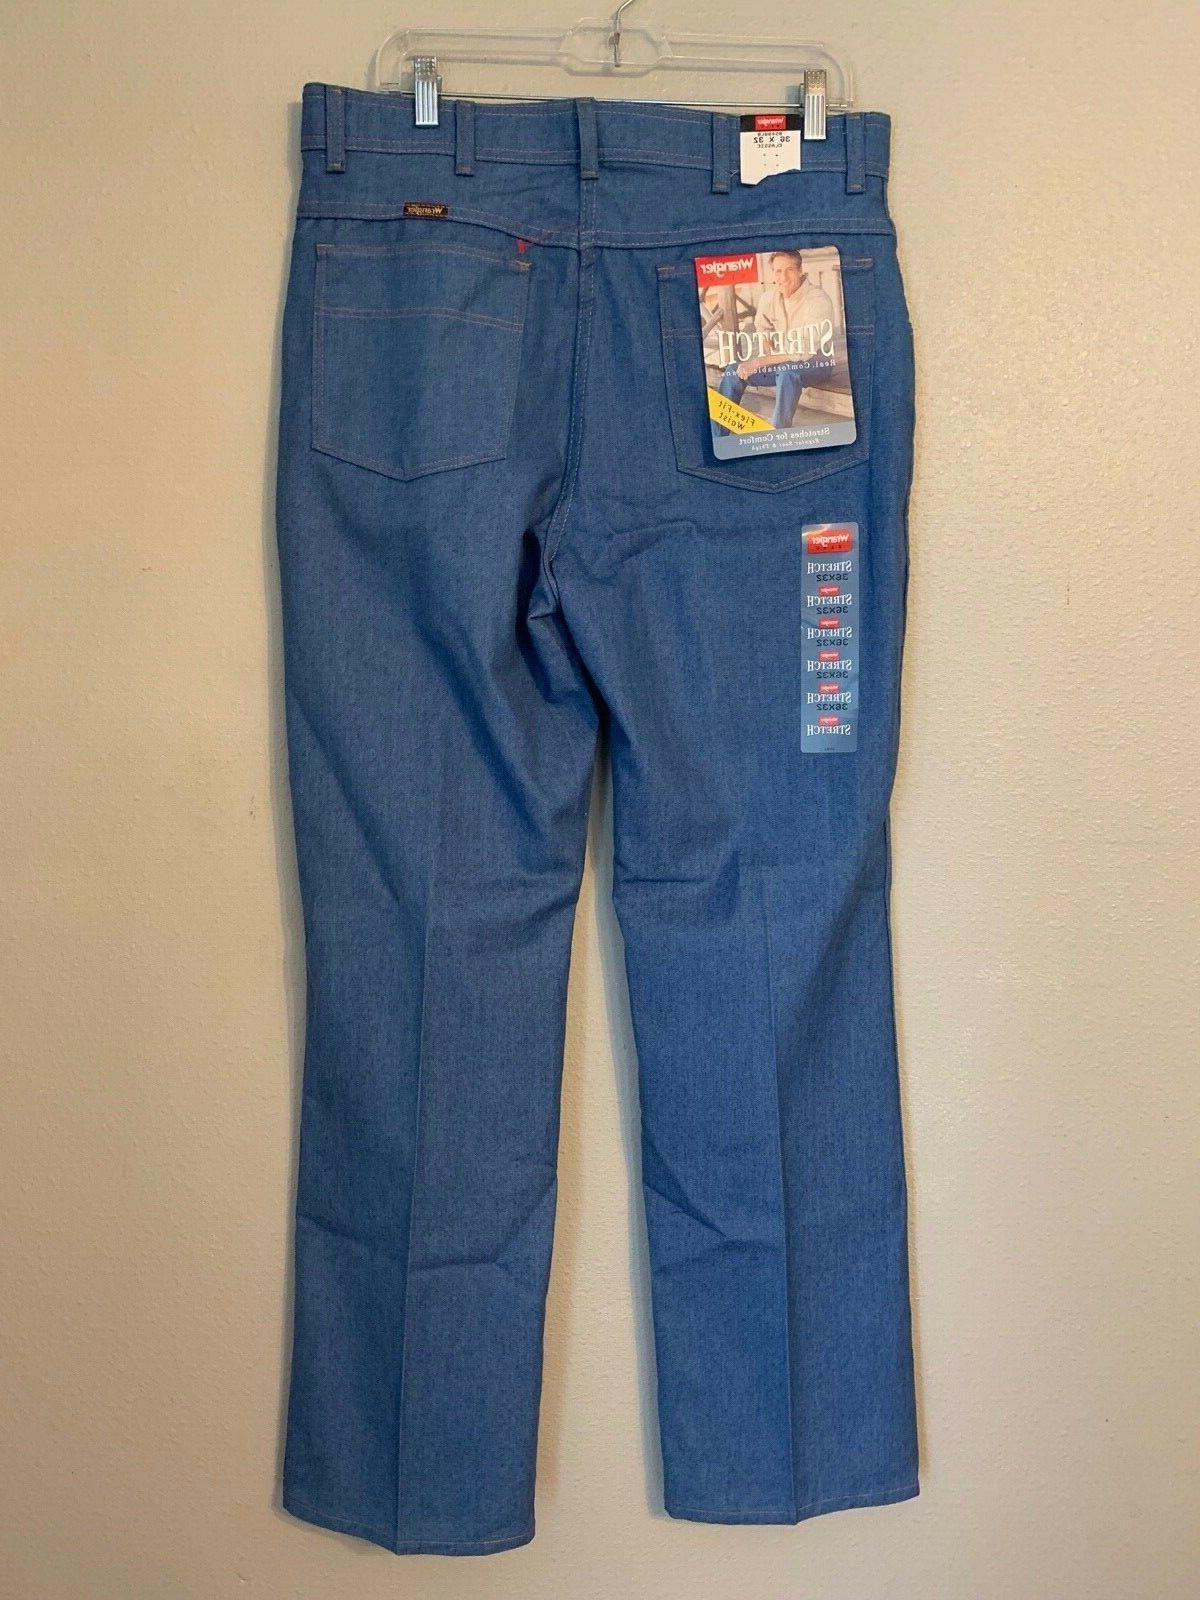 Wrangler Mens Jeans